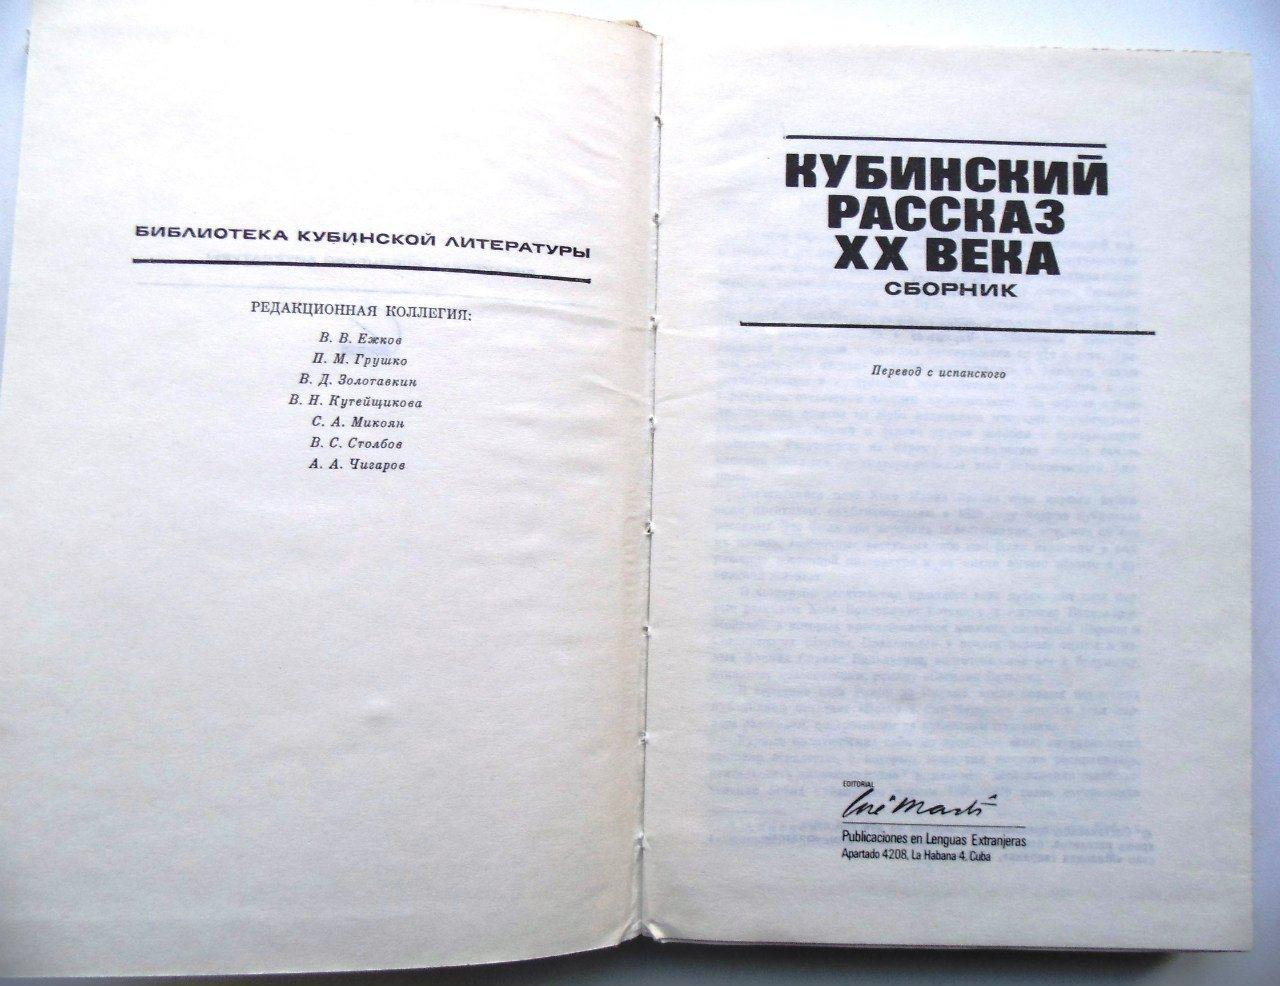 Книга на русском языке, изданная в Гаване